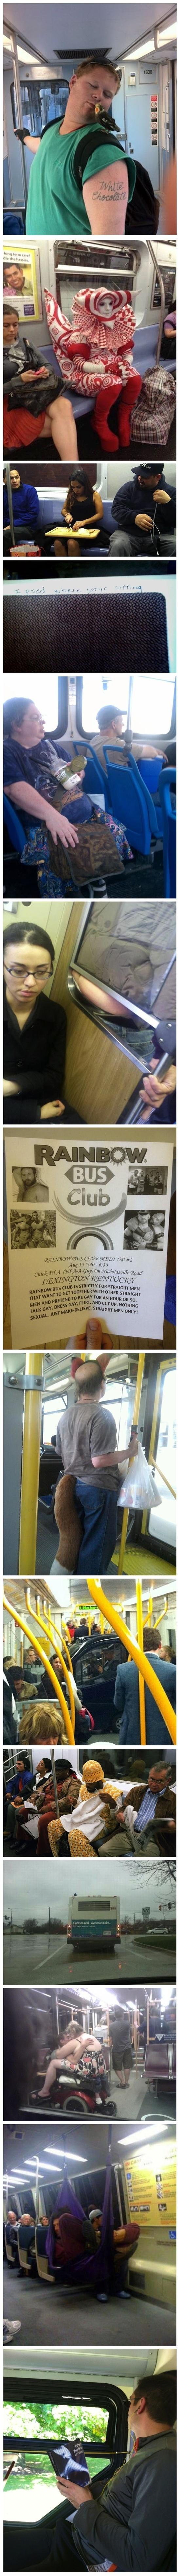 I'm glad I saw this before using public transportation..... Hahahahaha that last one bahahahaha